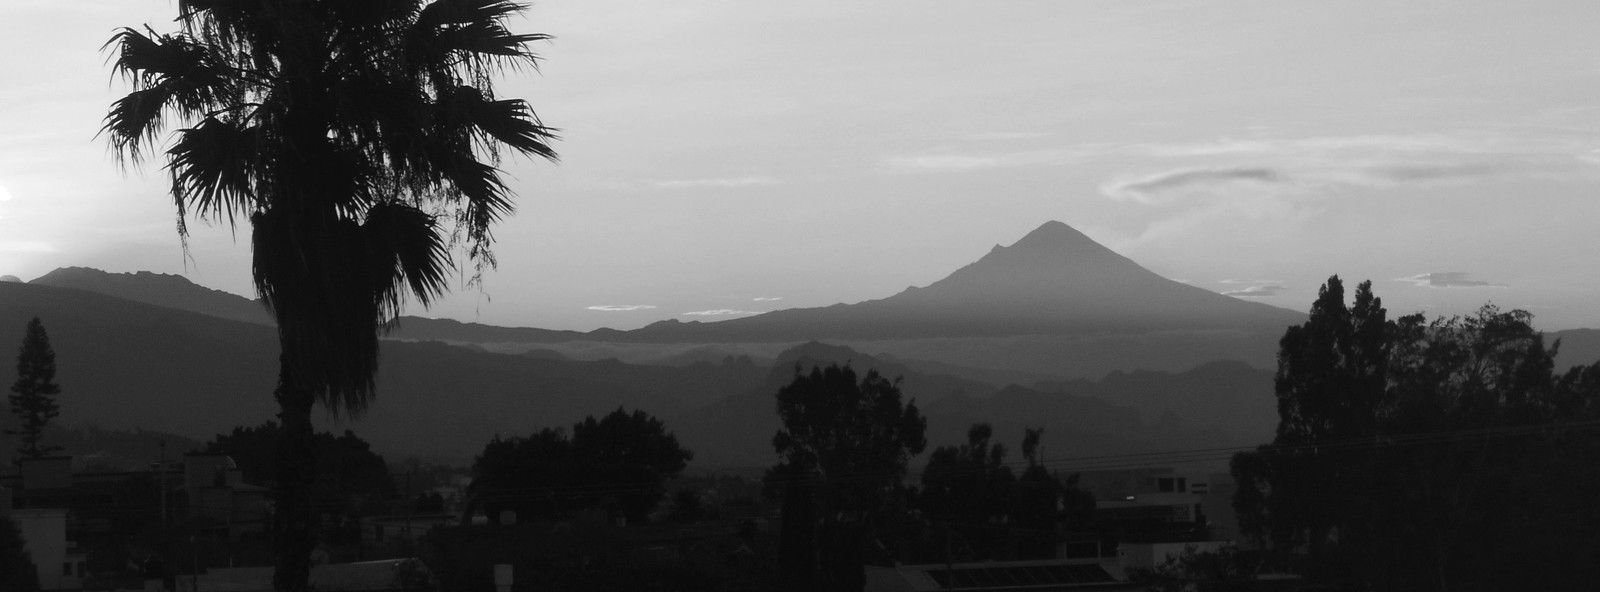 Le Popocatepetl à la veille de l'été